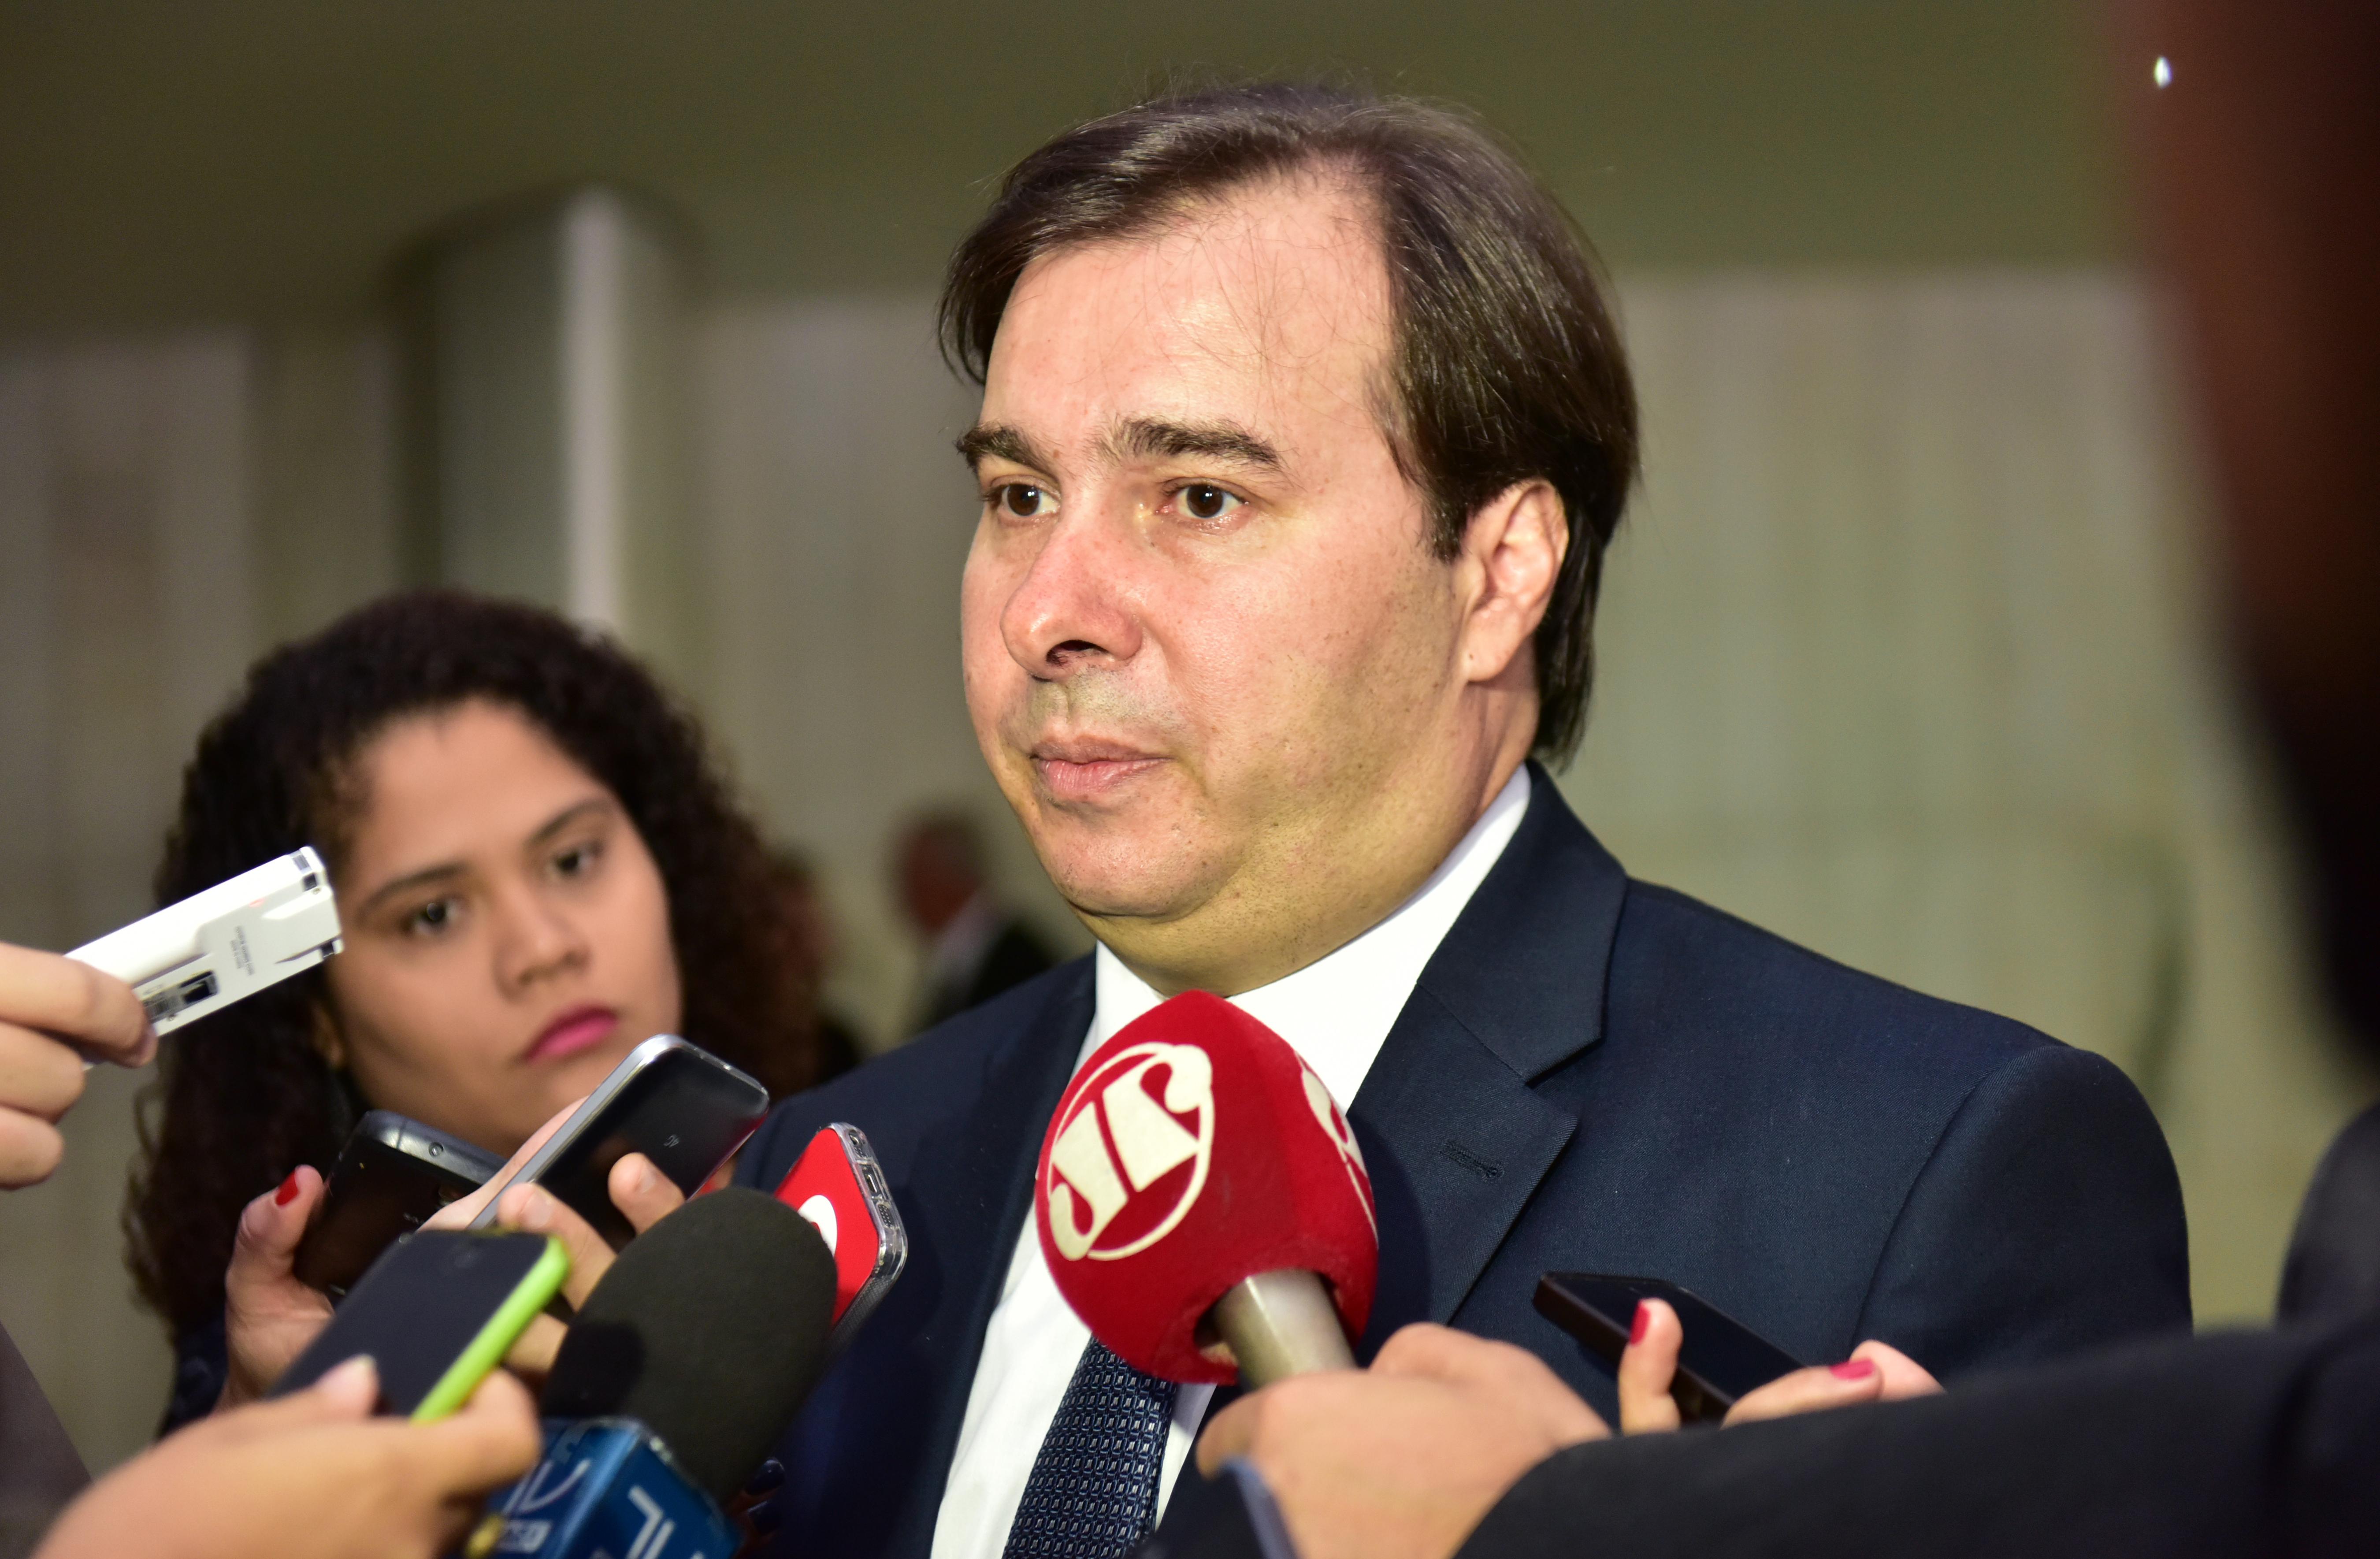 Presidente da Câmara dep. Rodrigo Maia (DEM-RJ), fala a imprensa sobre trabalhos da semana